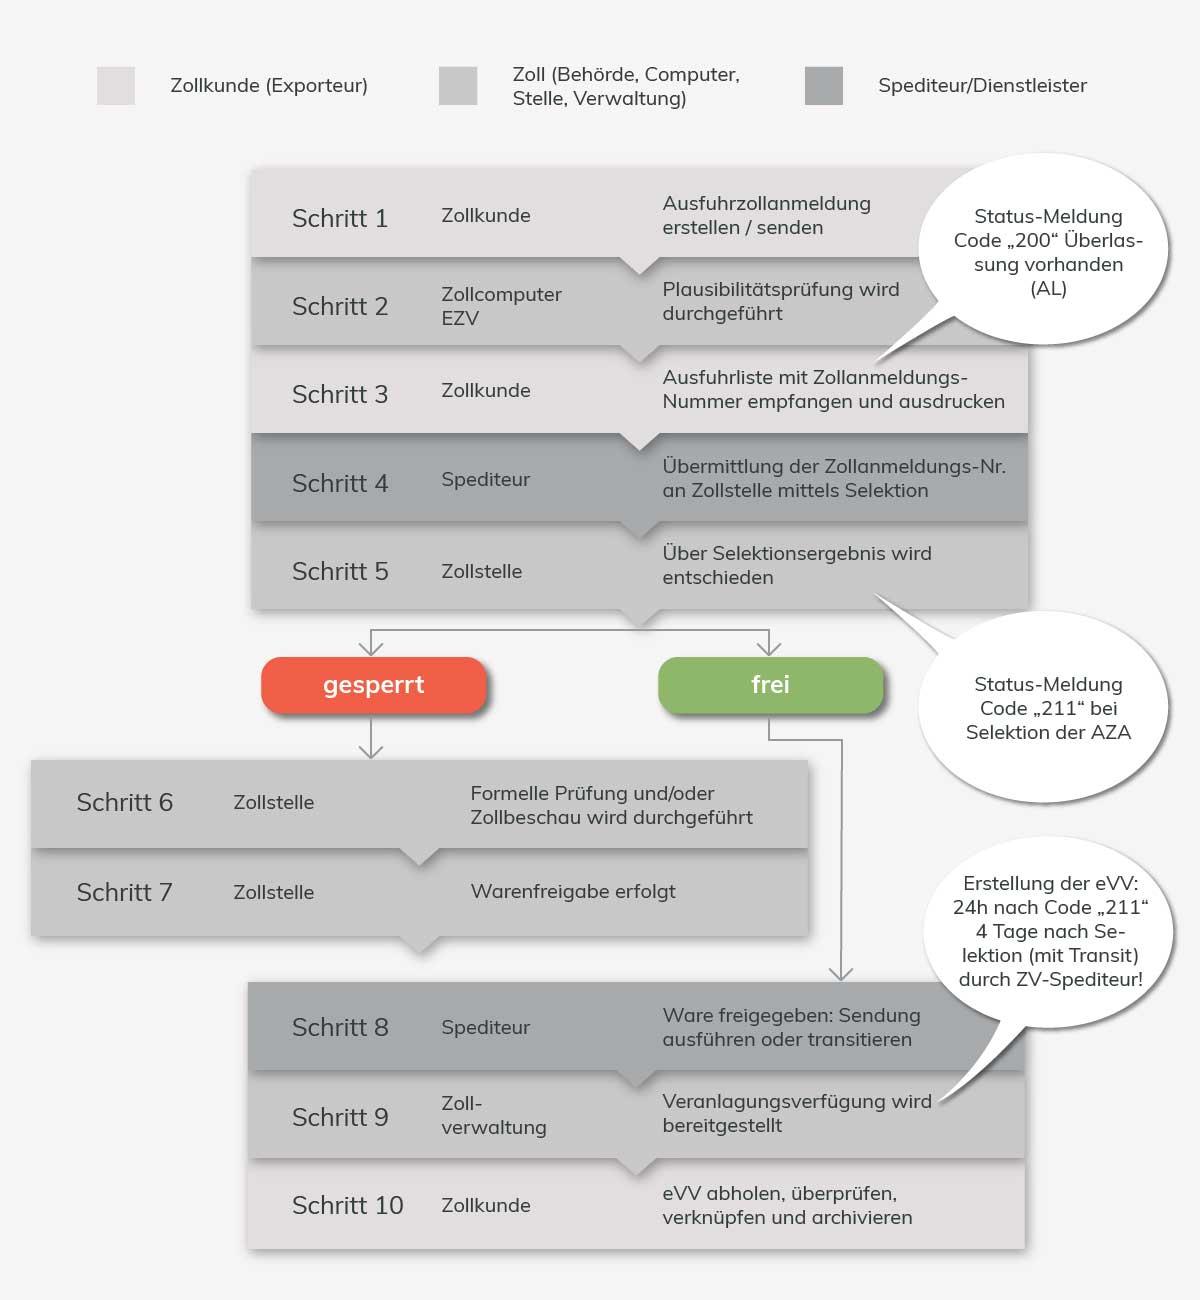 10 Schritte Zollkunde, Zollstelle und Spediteur